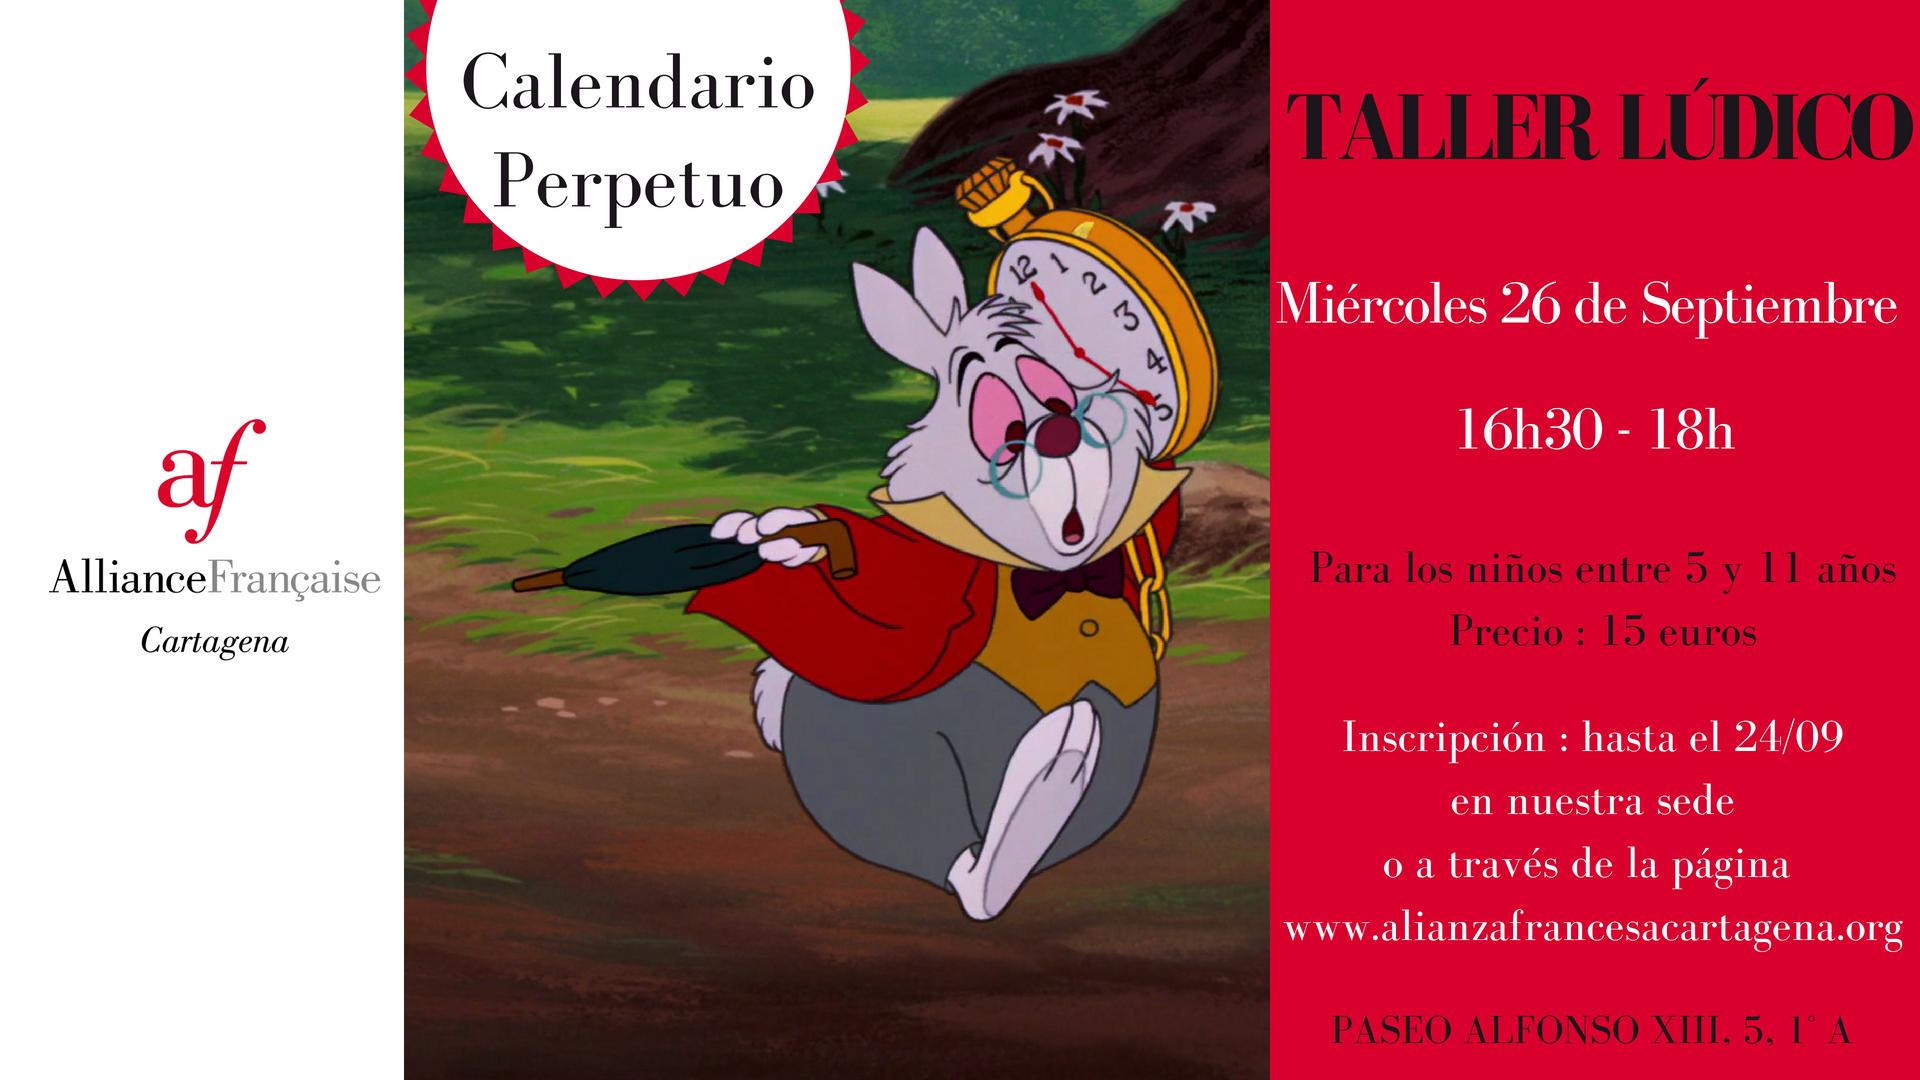 Taller lúdico - Calendario Perpetuo 6